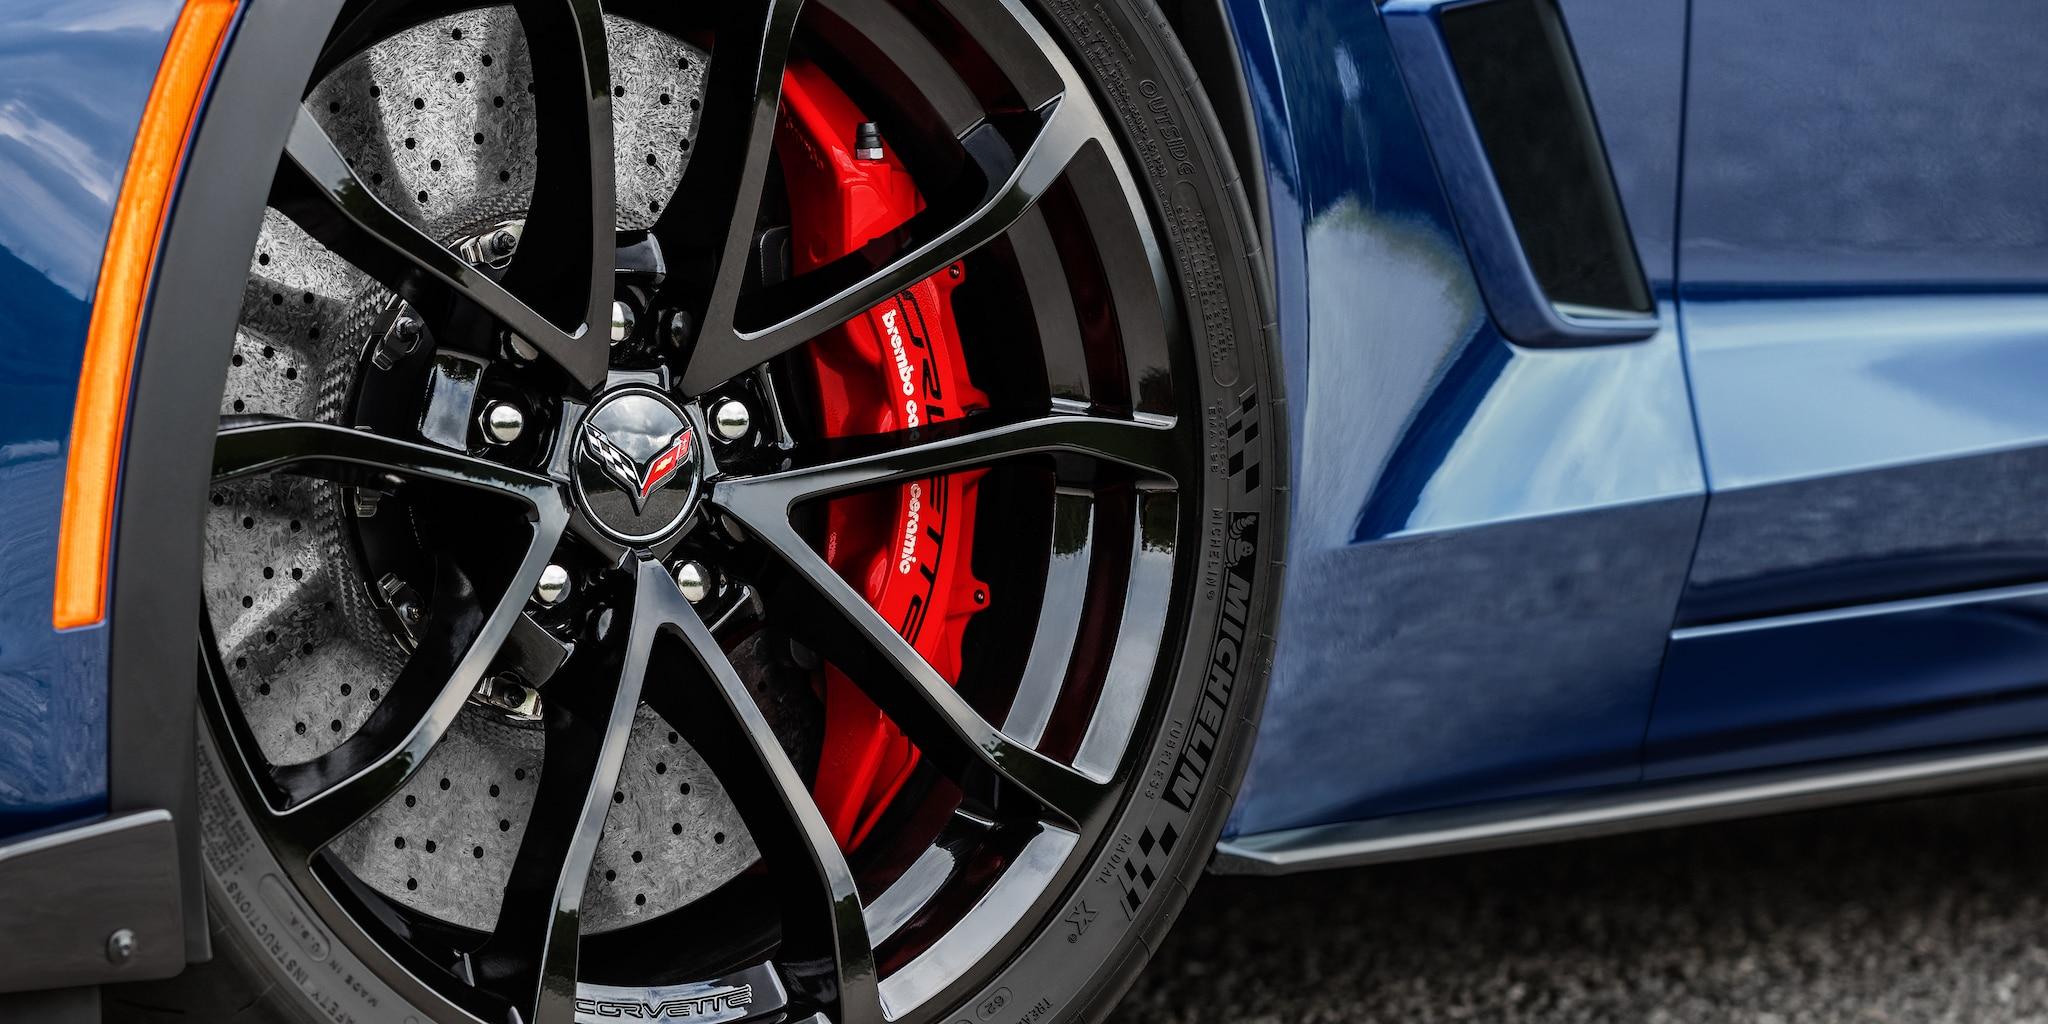 Diseño del auto deportivo Corvette Grand Sport 2019: rin